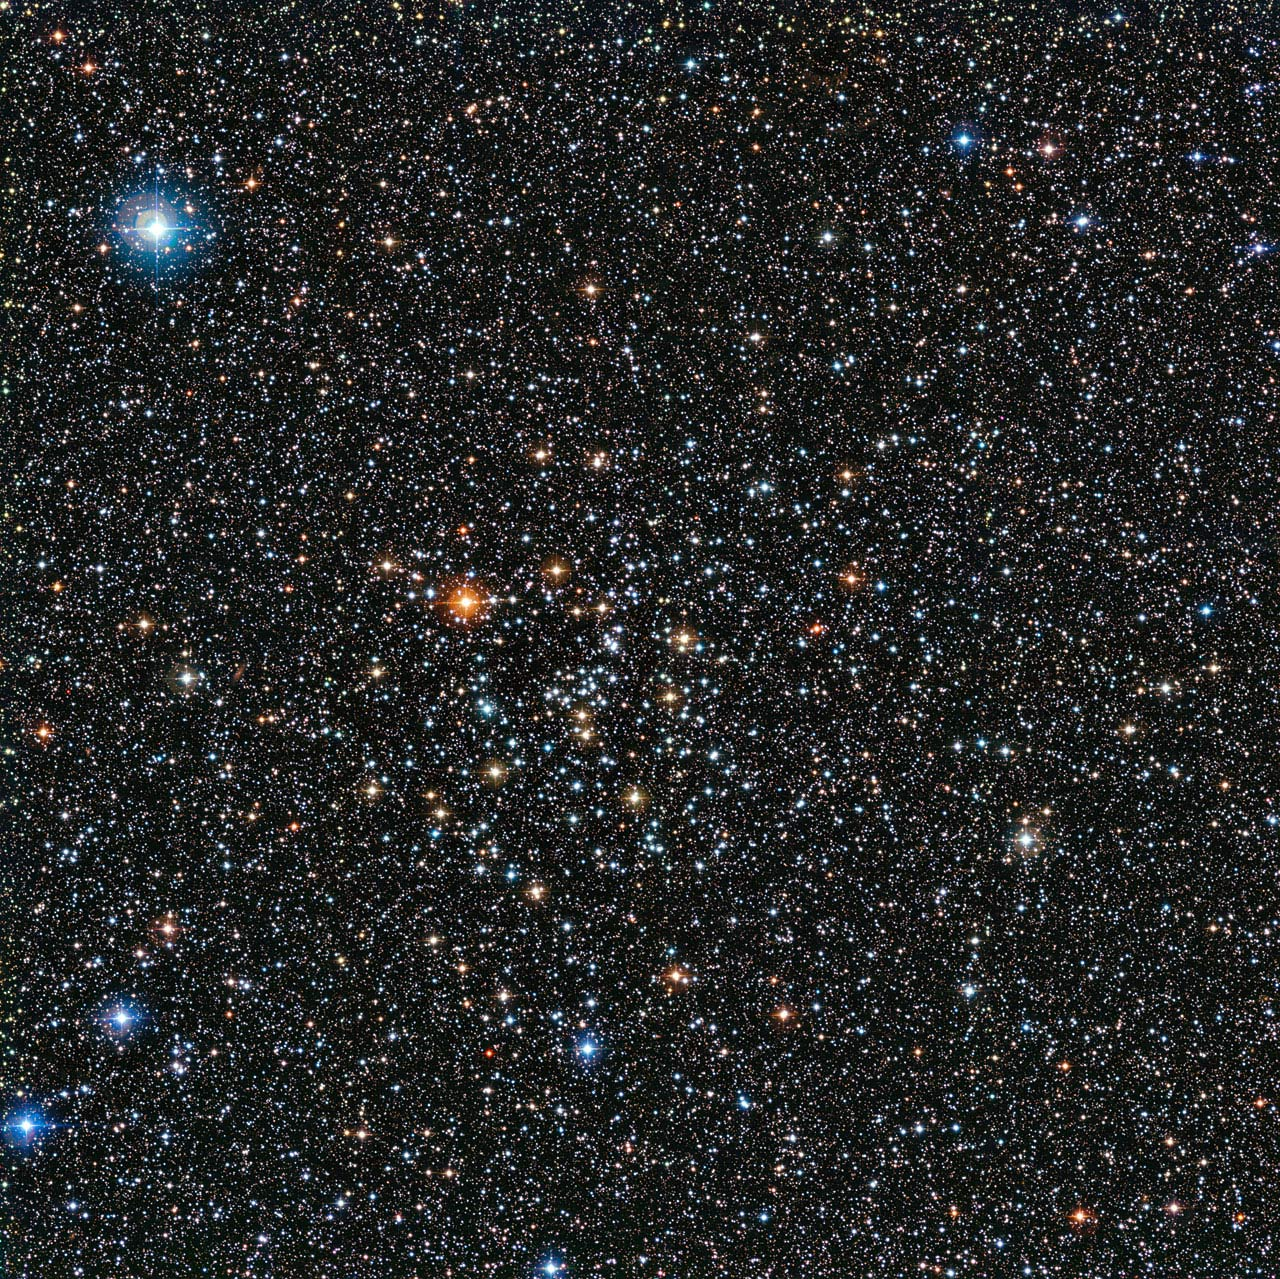 در این تصویر خوشه ی ستاره ای باز ic4651 را مشاهده می کنید.